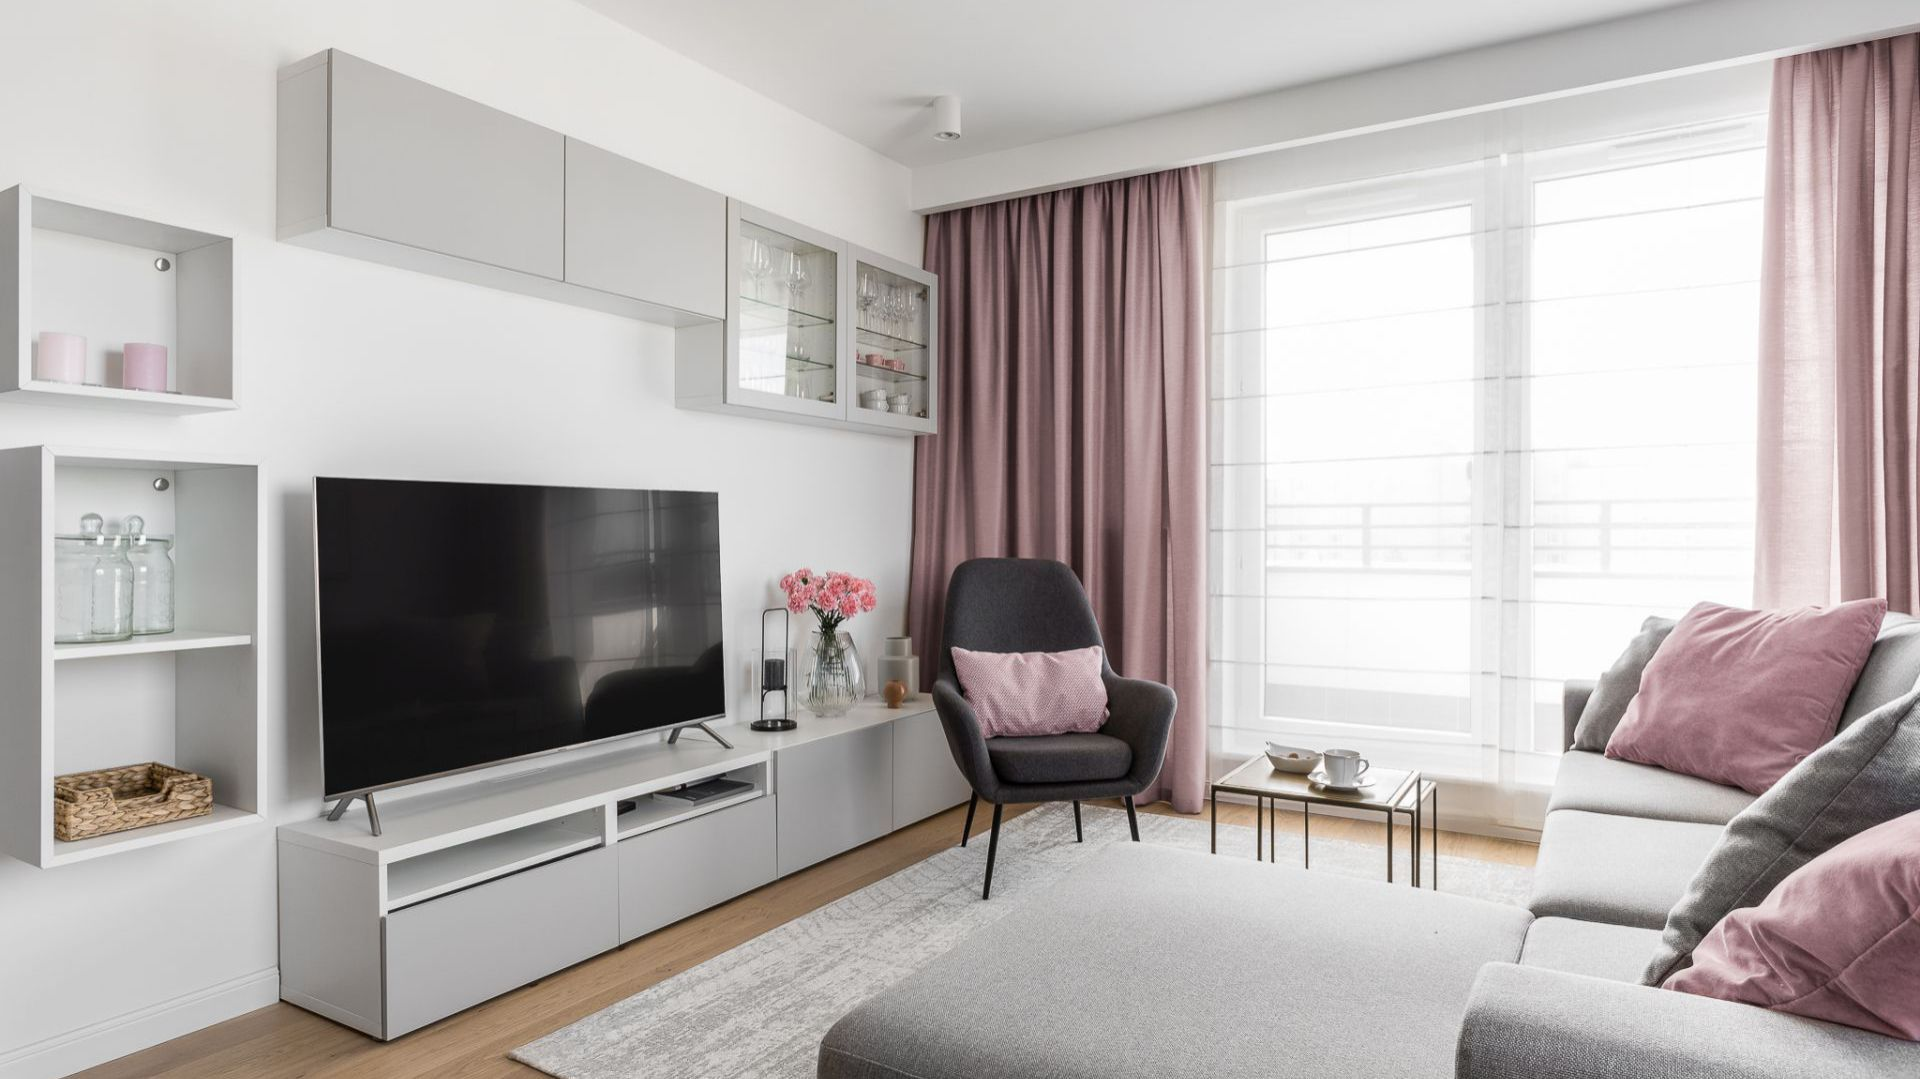 Nowoczesny jasny salon w bloku. Biała zabudowa na ścianie telewizyjnej, prosta szara sofa i kolor w dodatkach. Projekt: Barbara Wojsz. Fot. Fotomohito